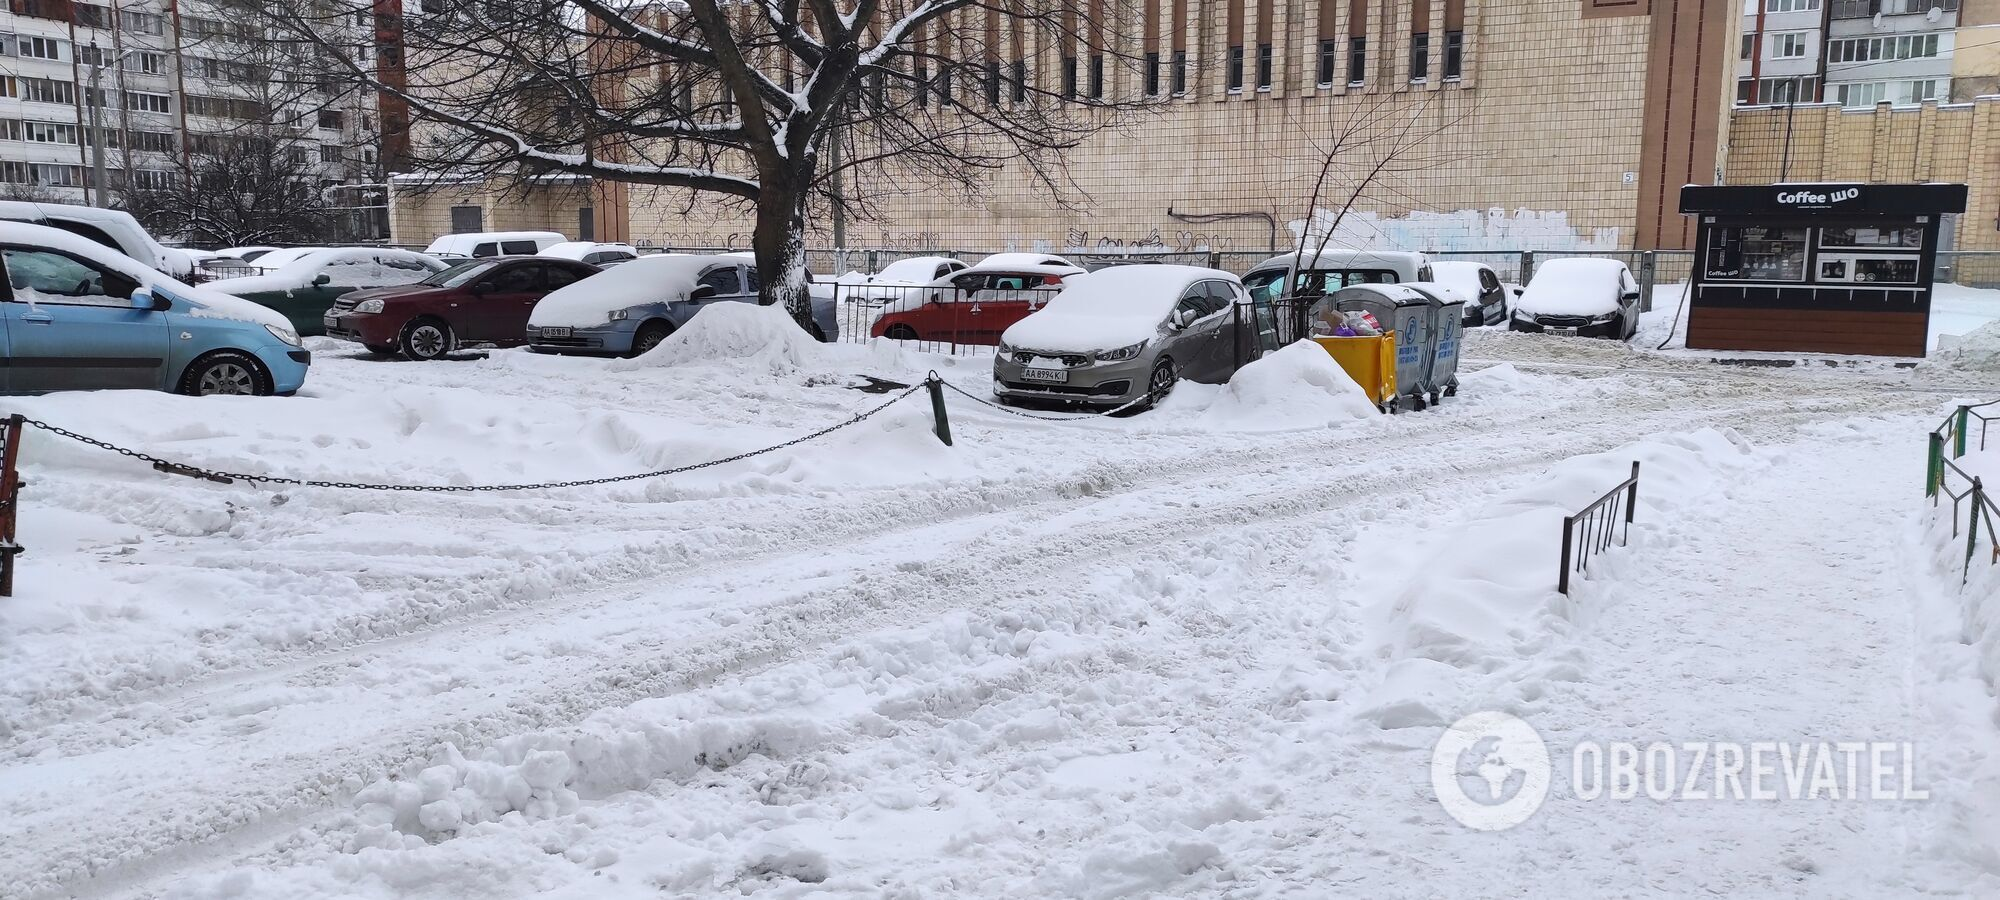 Во дворах снег очищен только там, где ходят пешеходы.